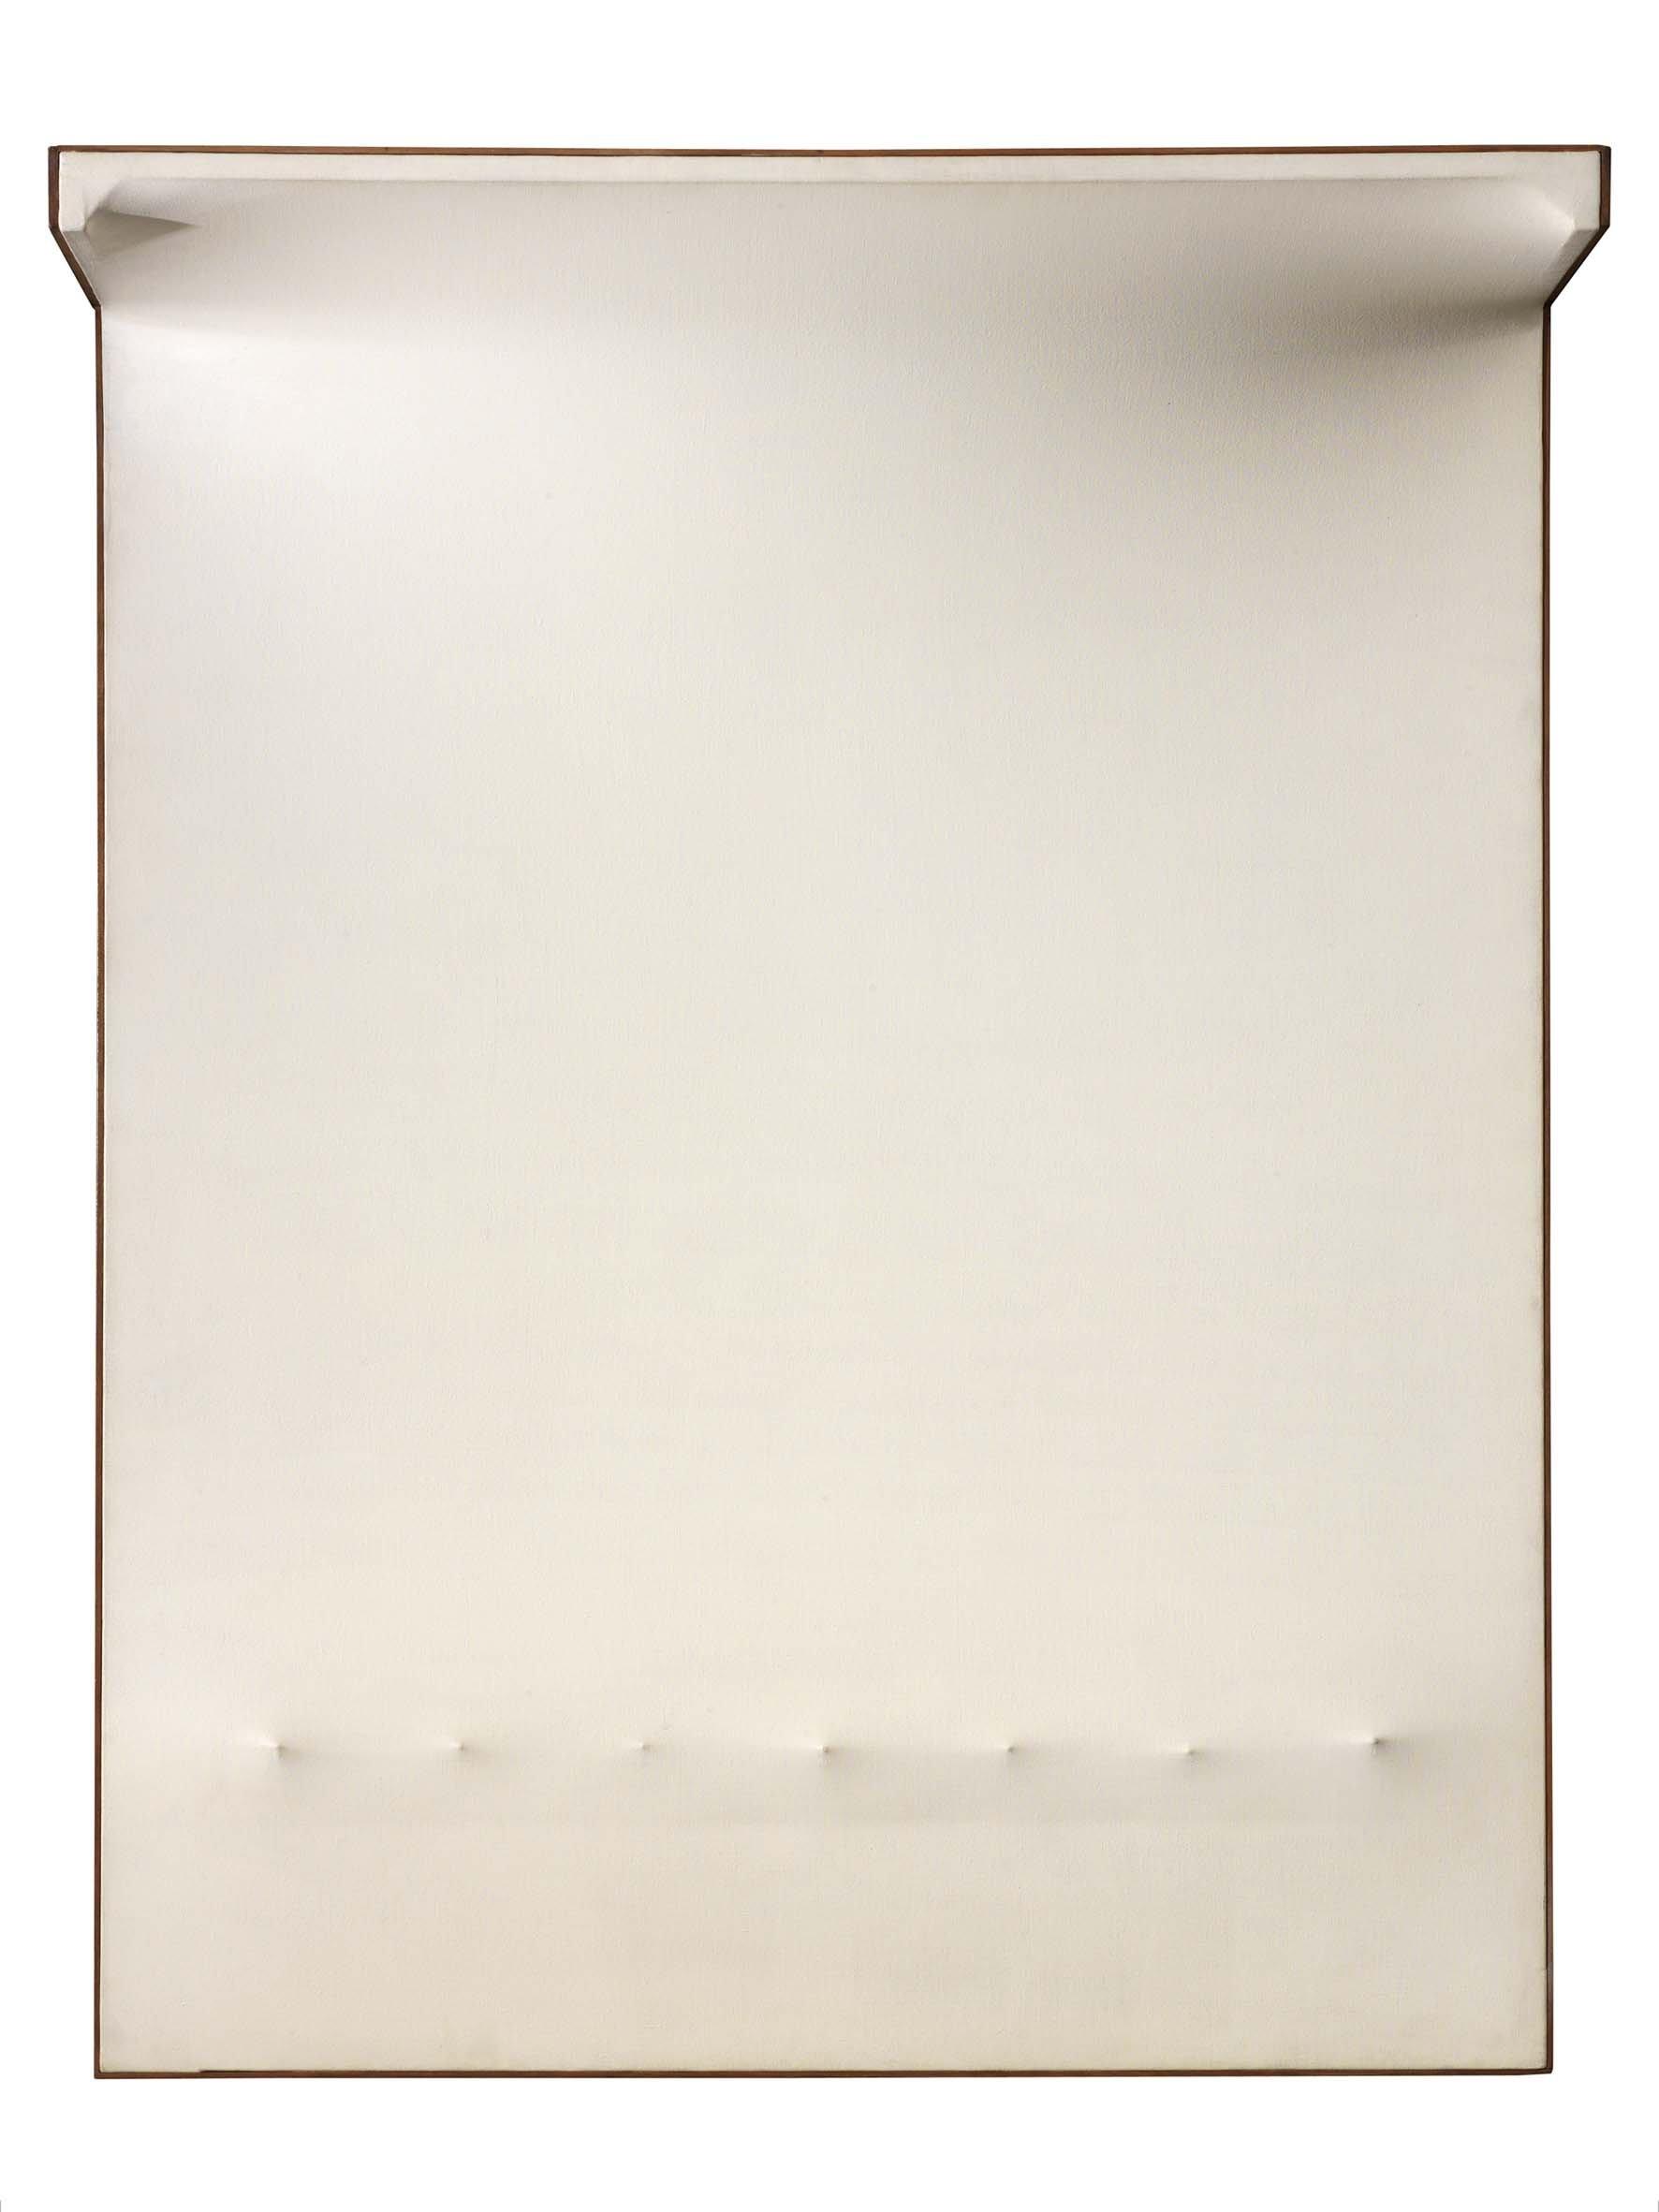 Enrico Castellani, Superficie bianca n°5, 1964, acrylique sur toile extroflexe, 146x114x30 cm